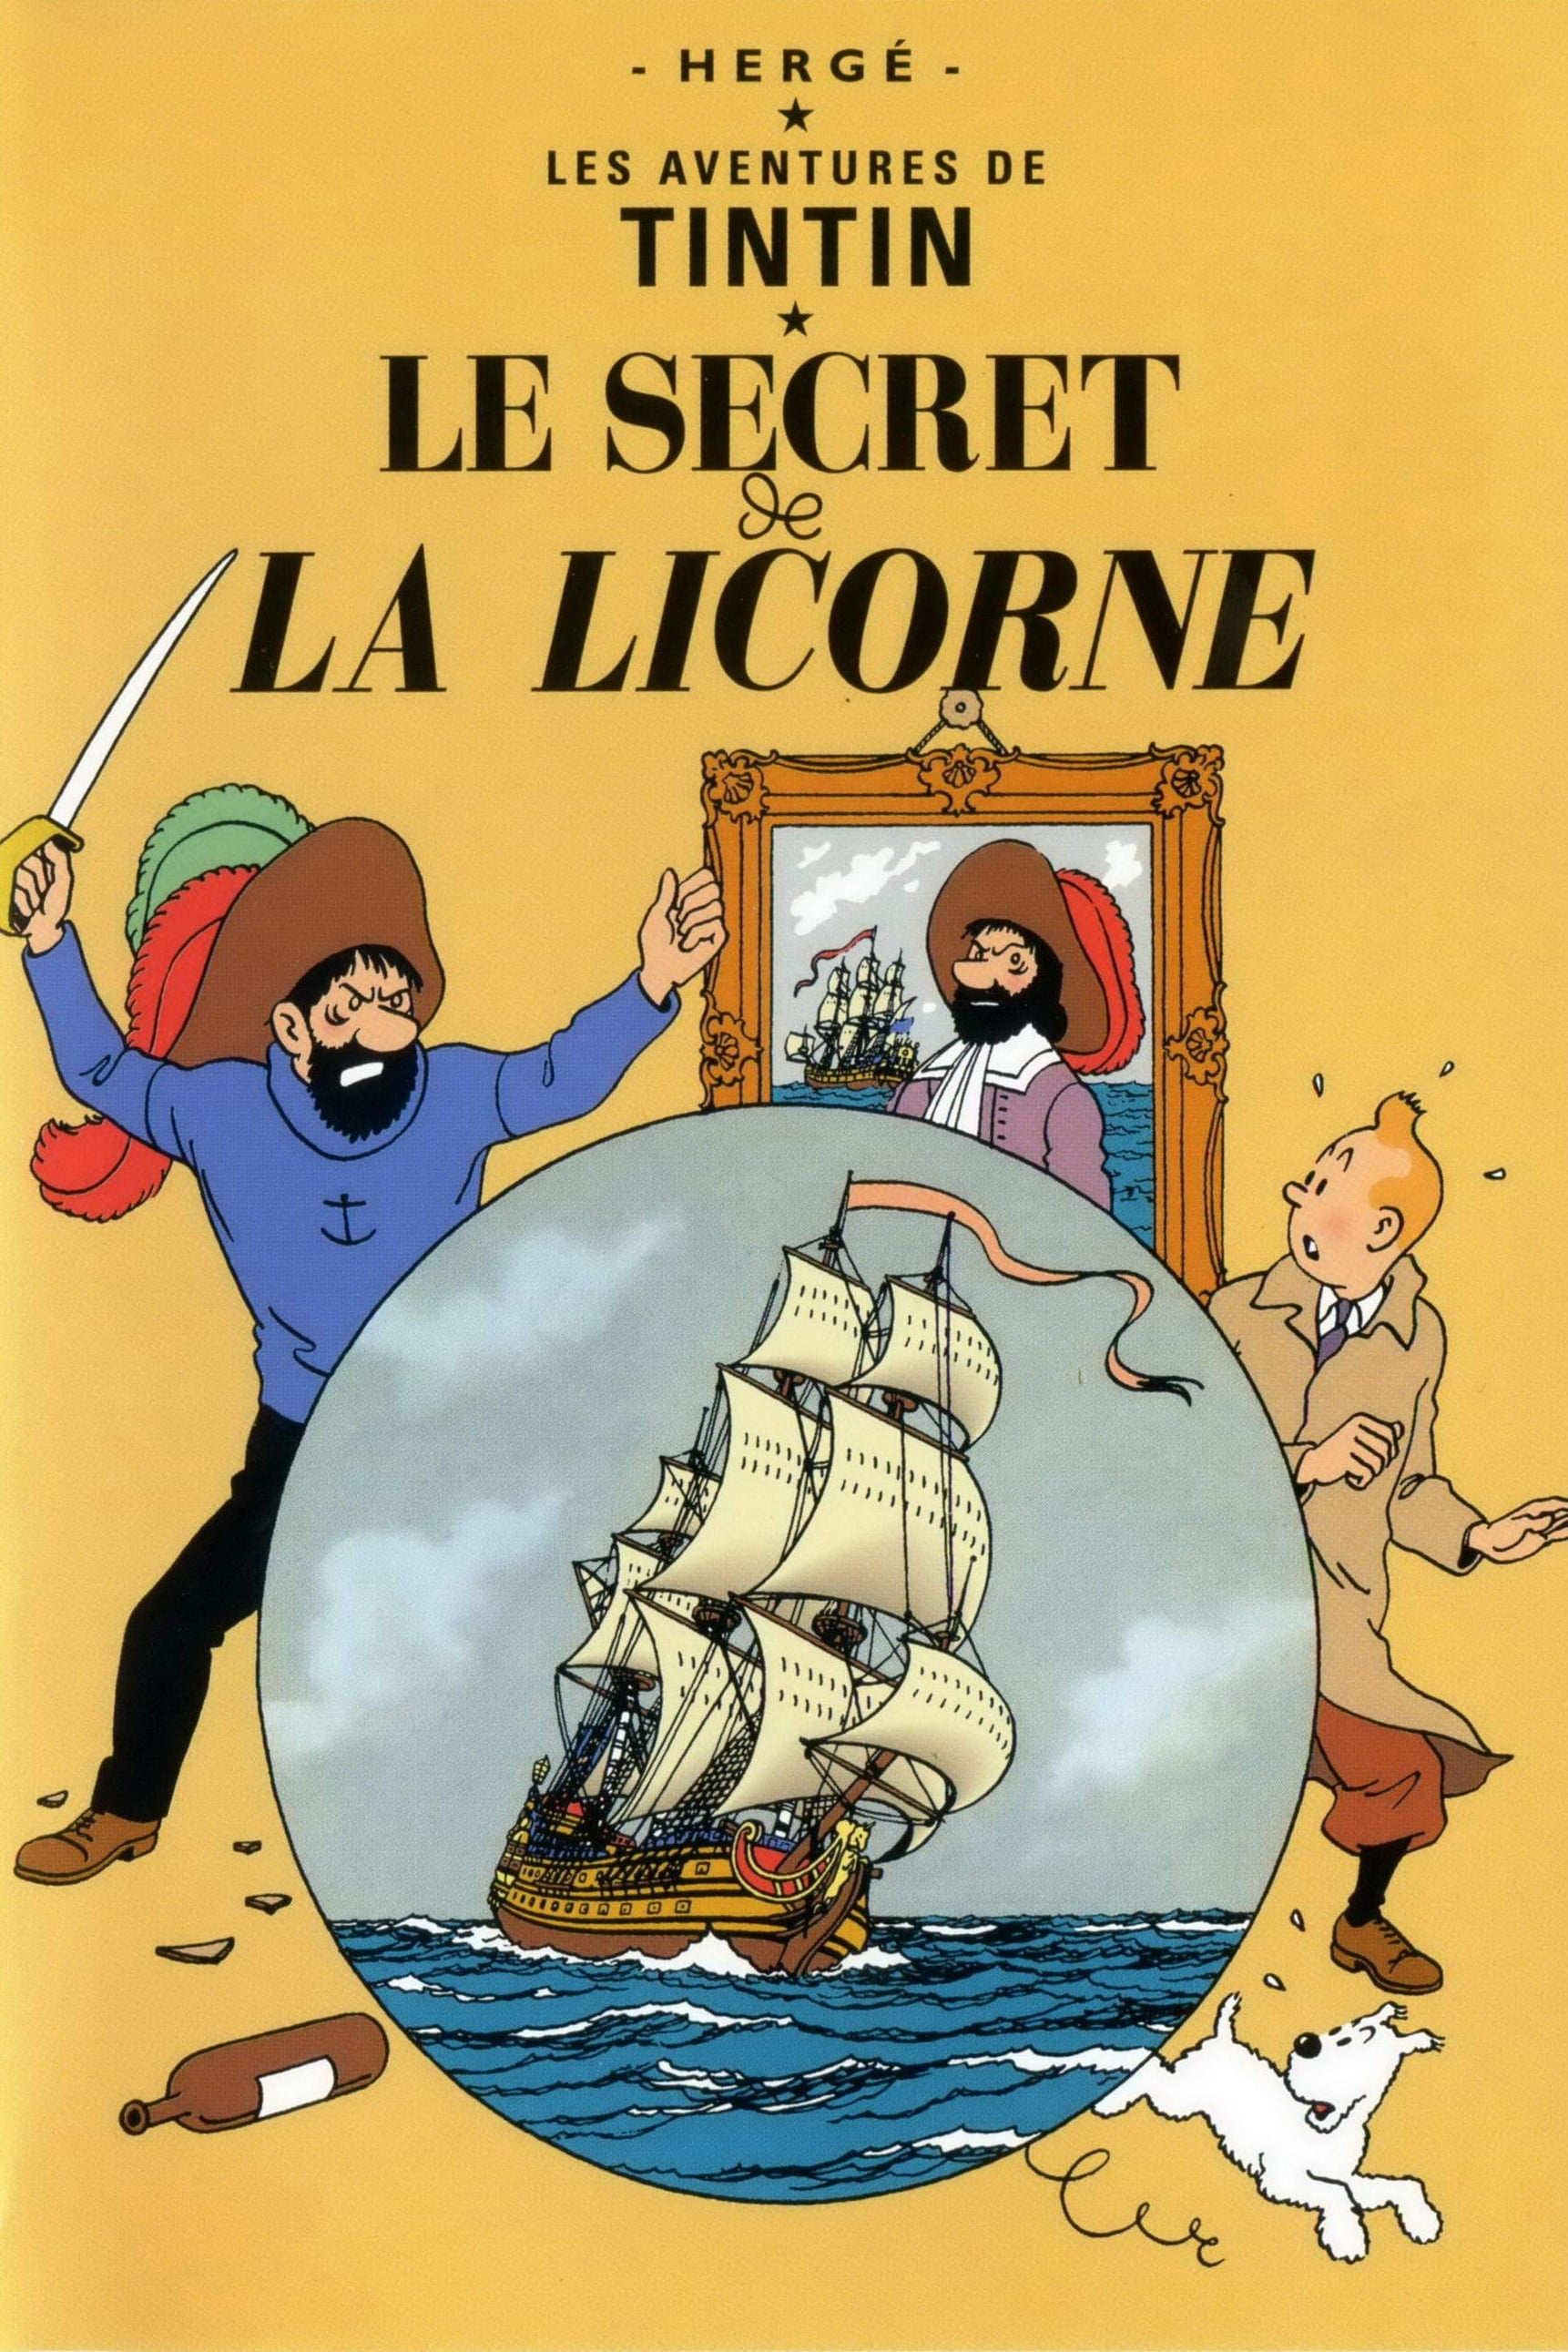 Les Aventures De Tintin 09 Le Secret De La Licorne - 1992